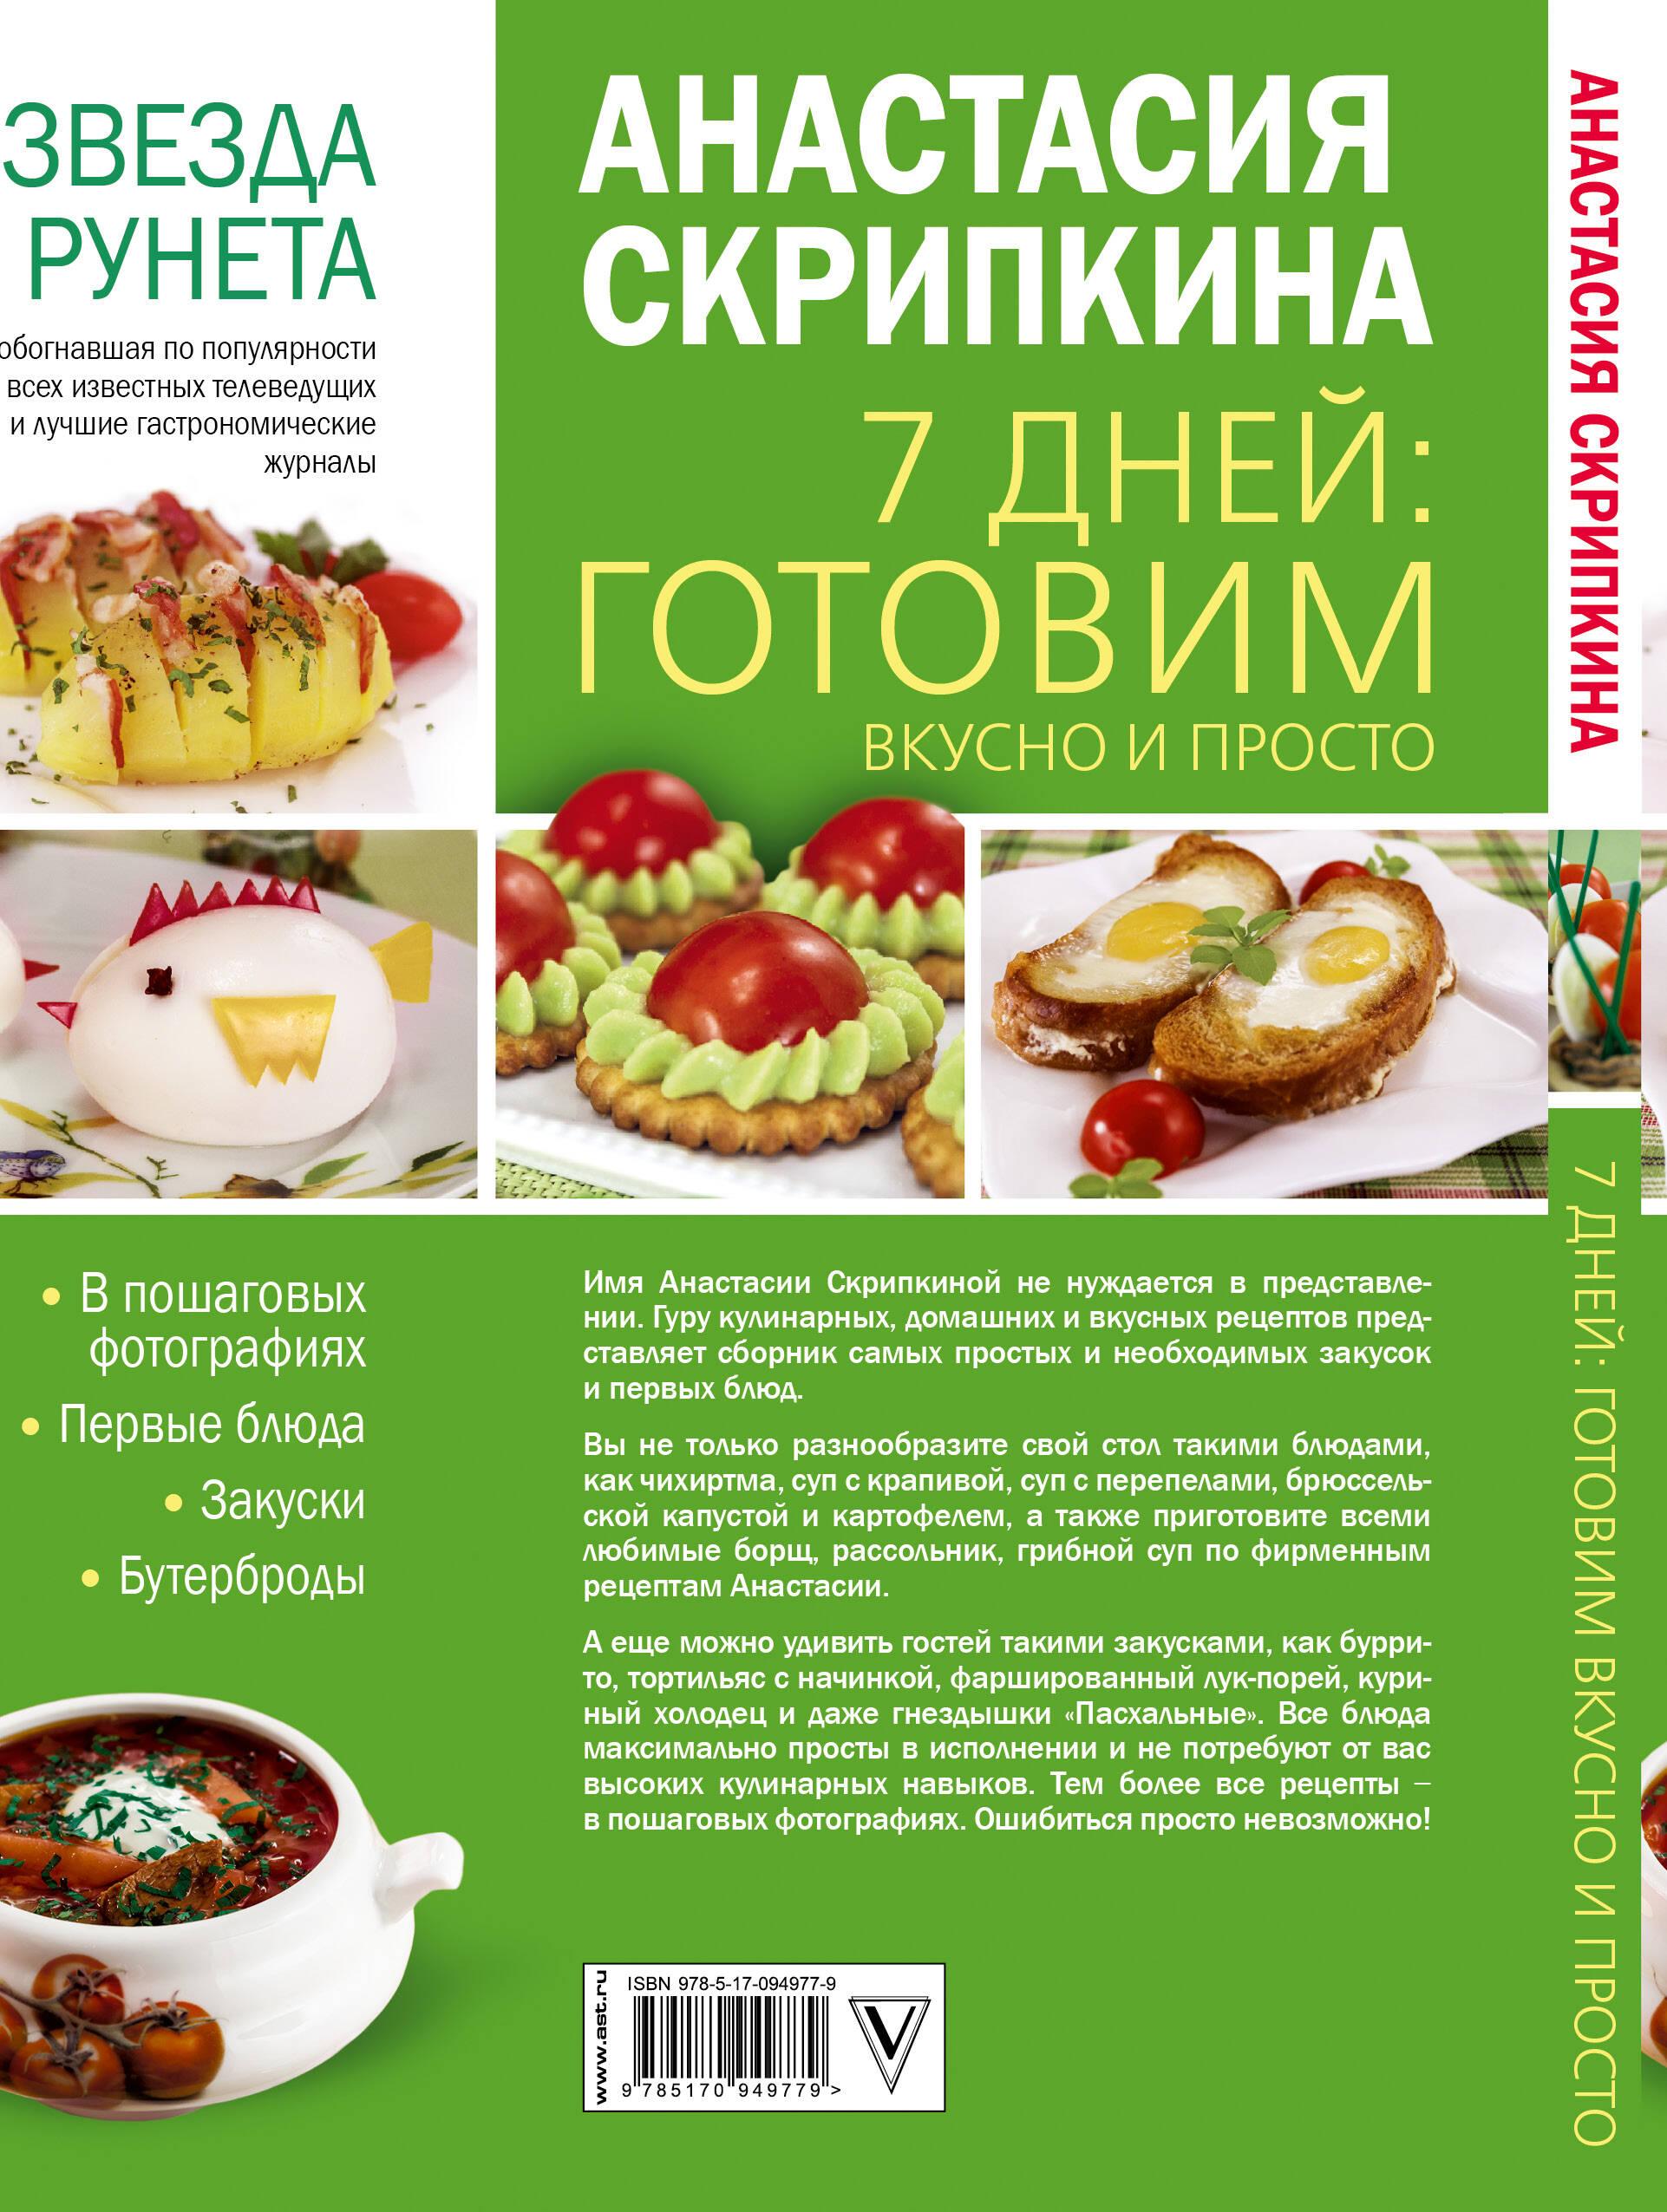 Кулинарные рецепты от Скрипкиной Анастасии